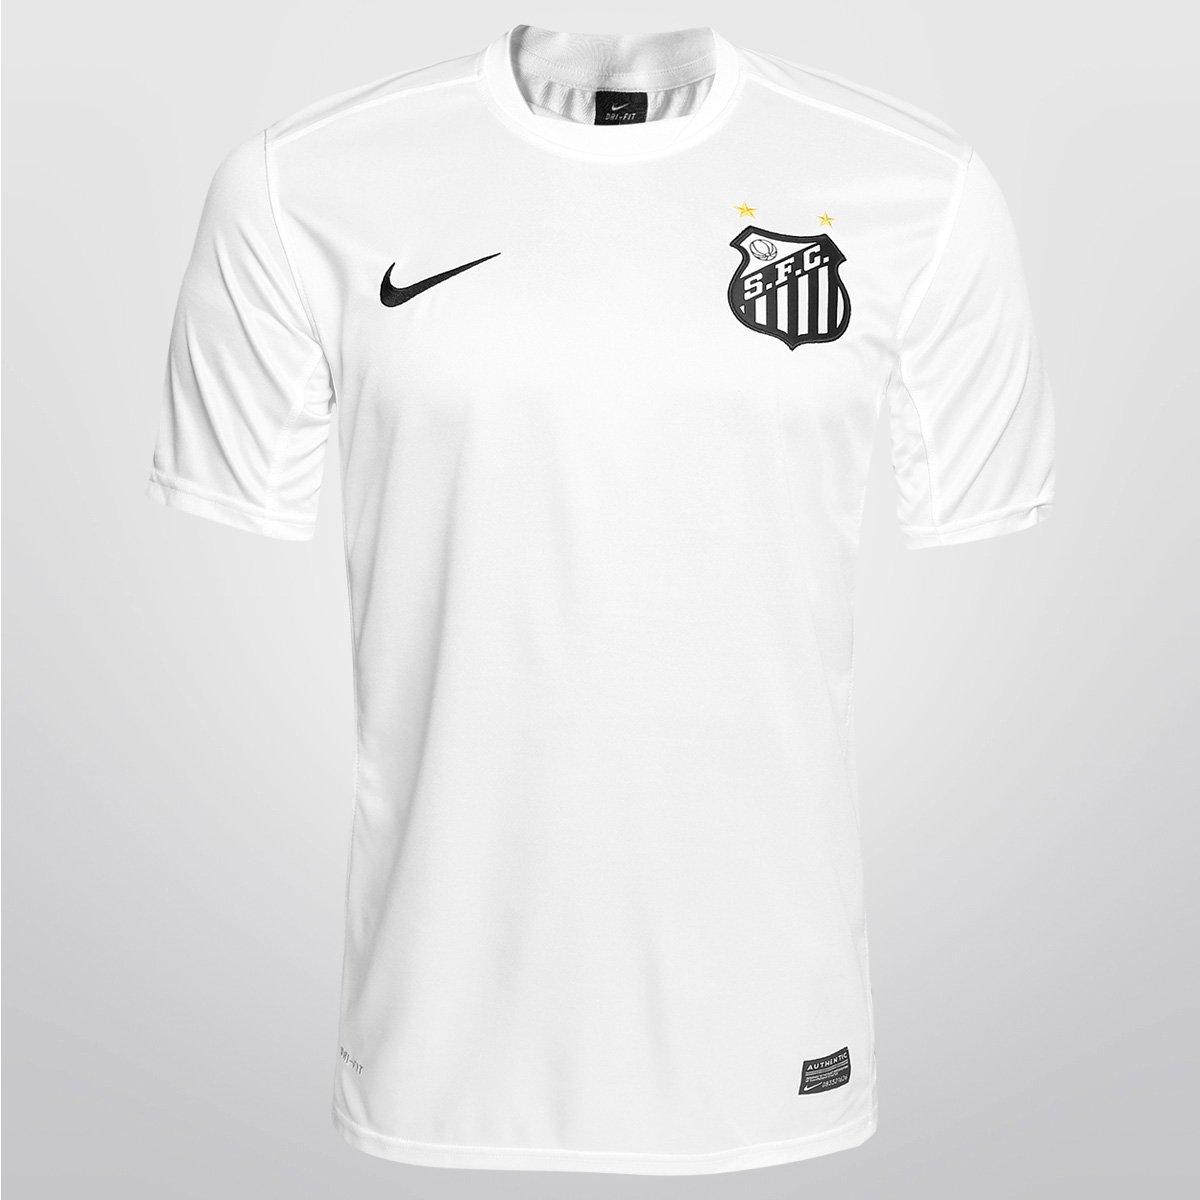 Camisa Nike Santos Treino Infantil - Compre Agora  29f28cf8aab79